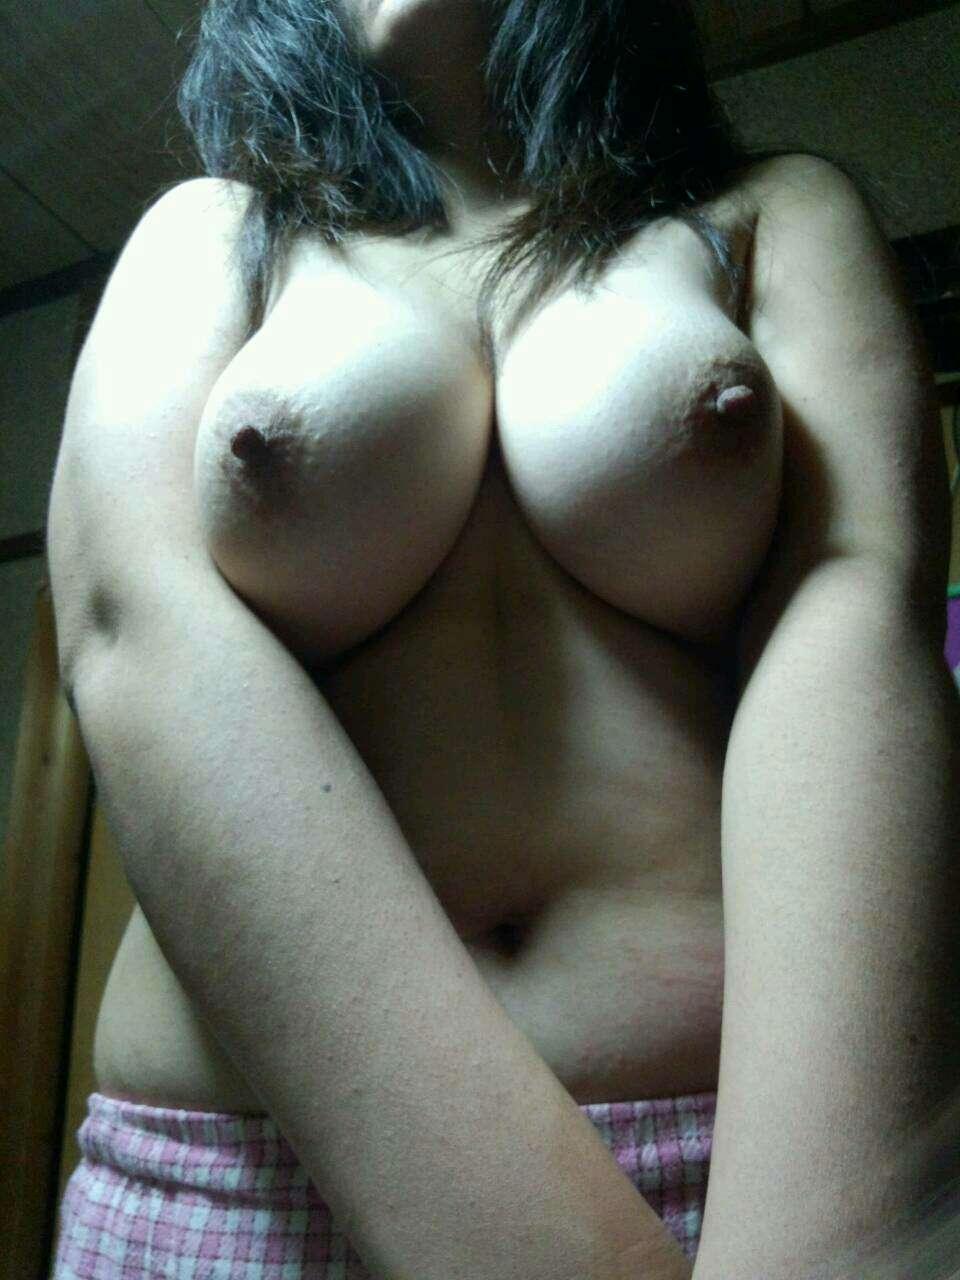 巨乳おっぱい熟女の豊満な身体ほんとすこwww 0807